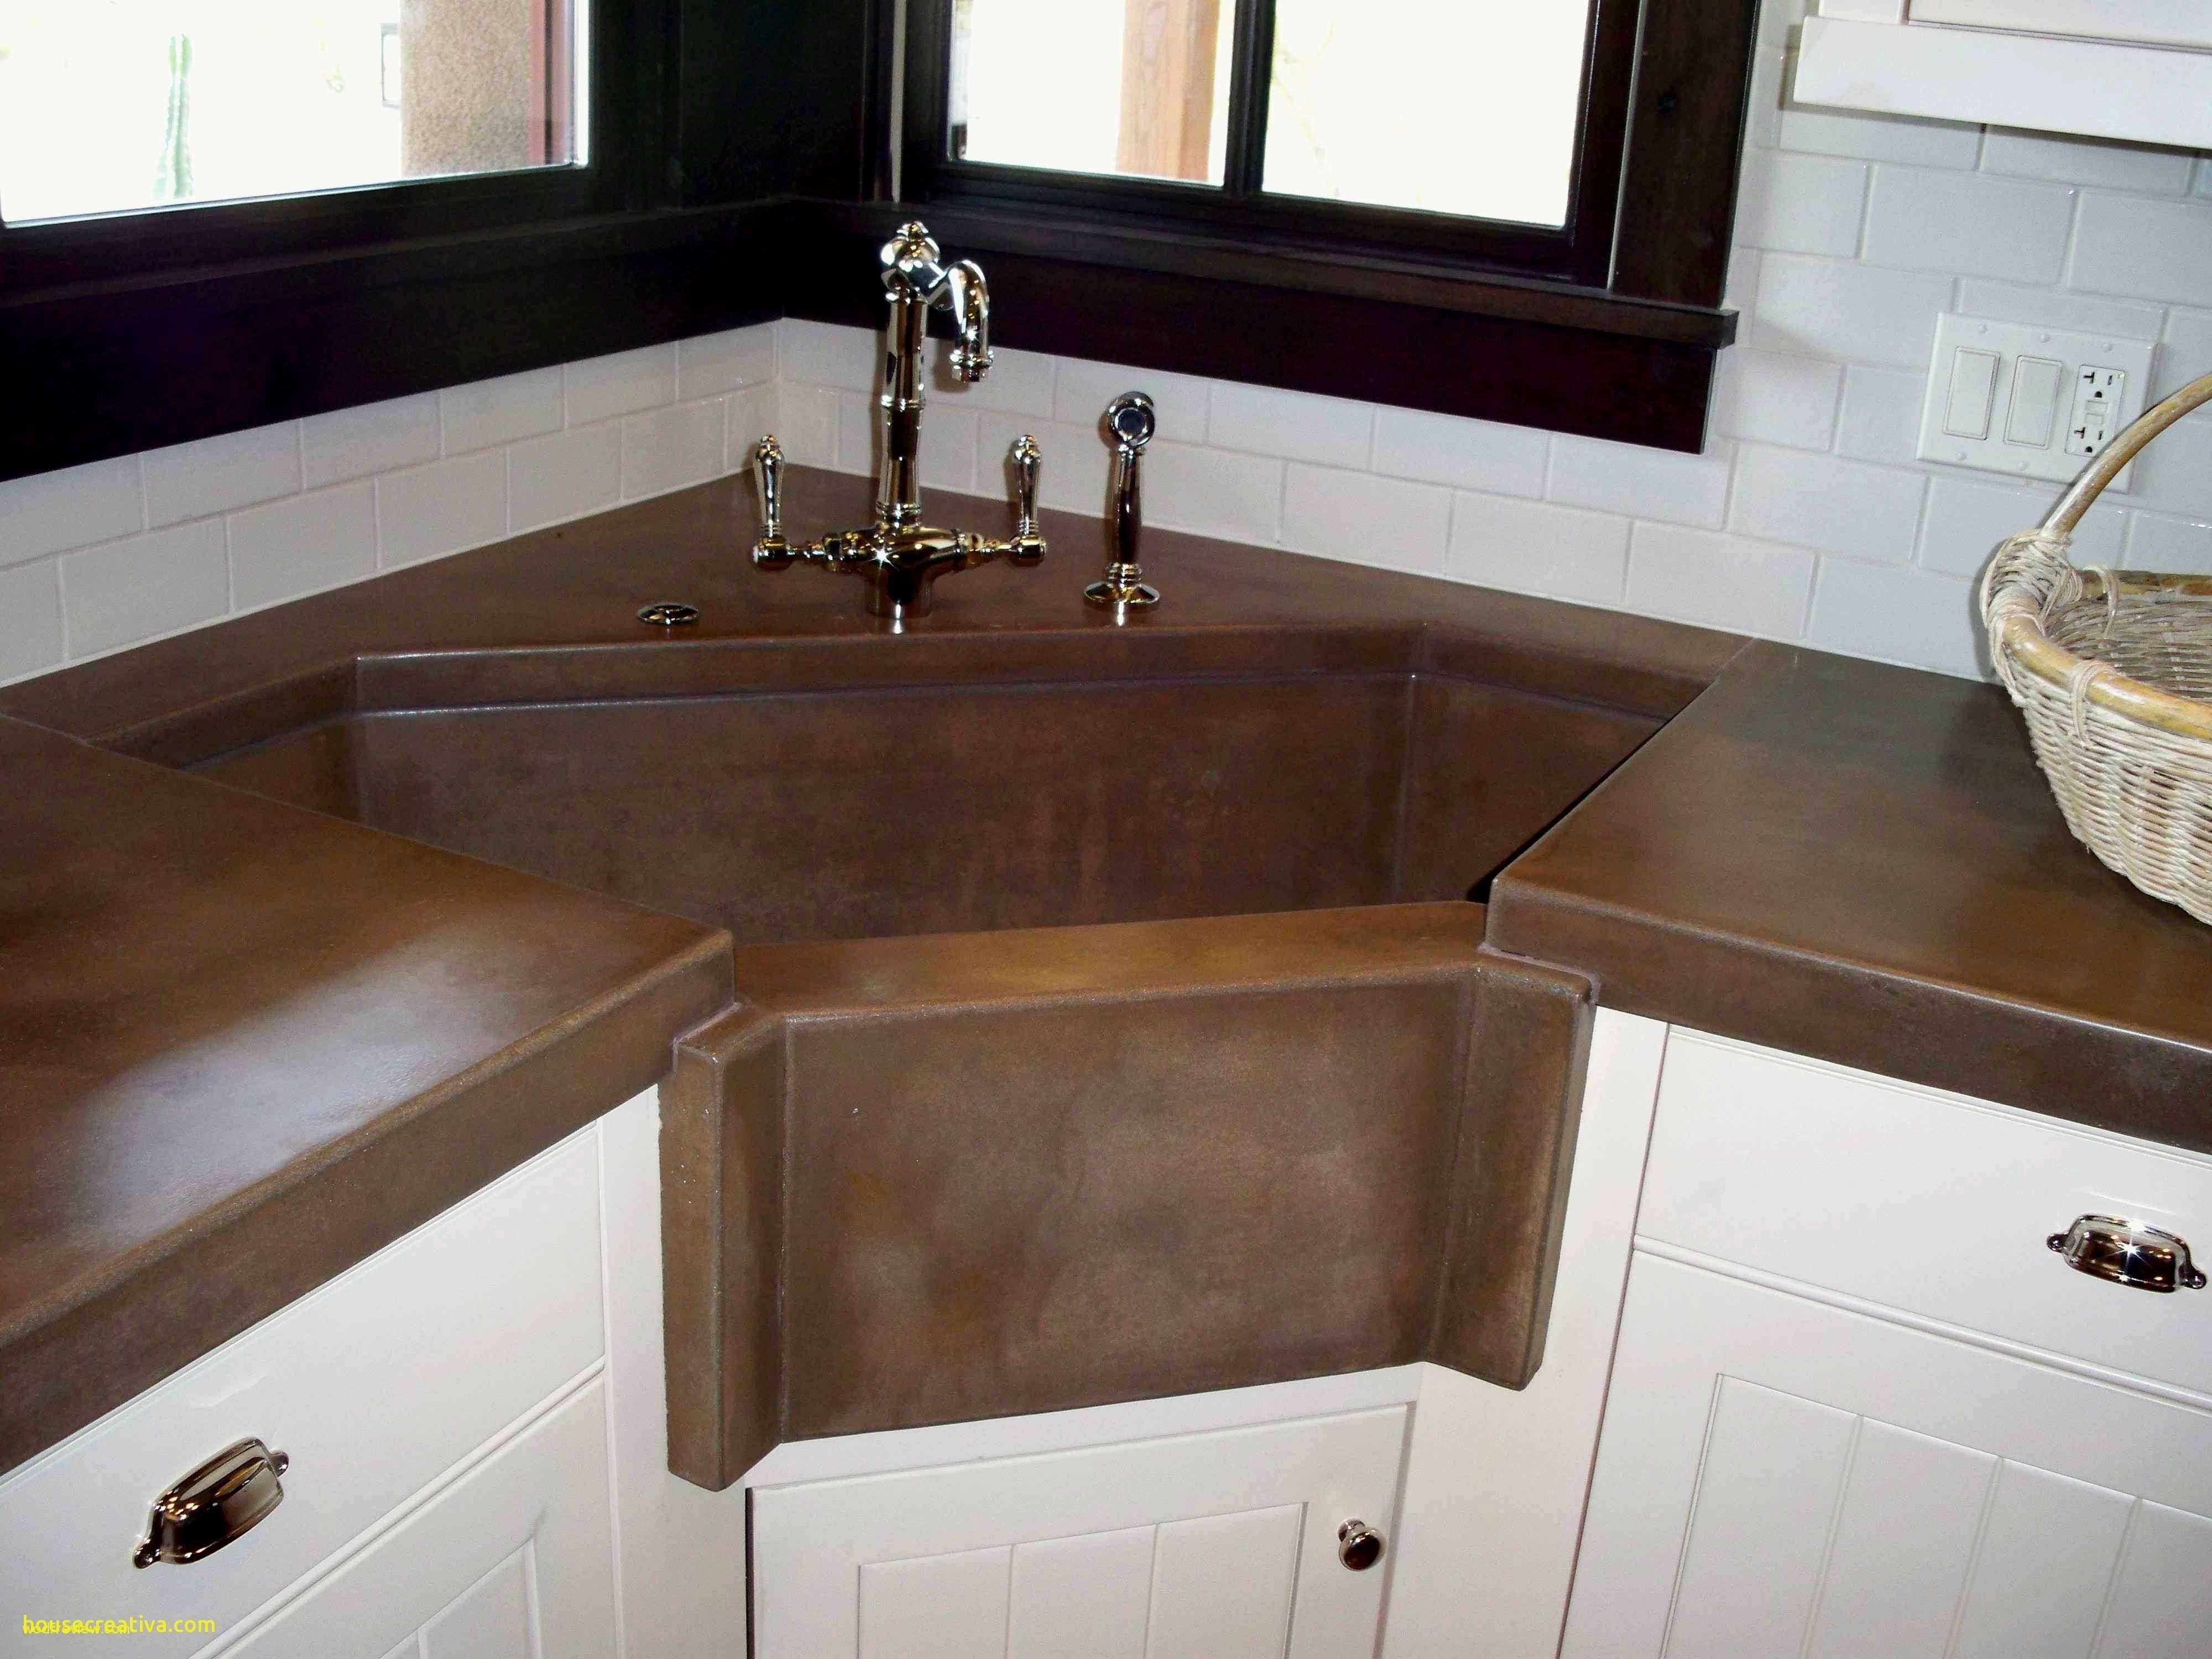 Luxury Corner Farm Sink Homedecoration Homedecorations Homedecorationideas Homedecorationtrends Ho Kitchen Sink Design Corner Sink Kitchen Kitchen Design